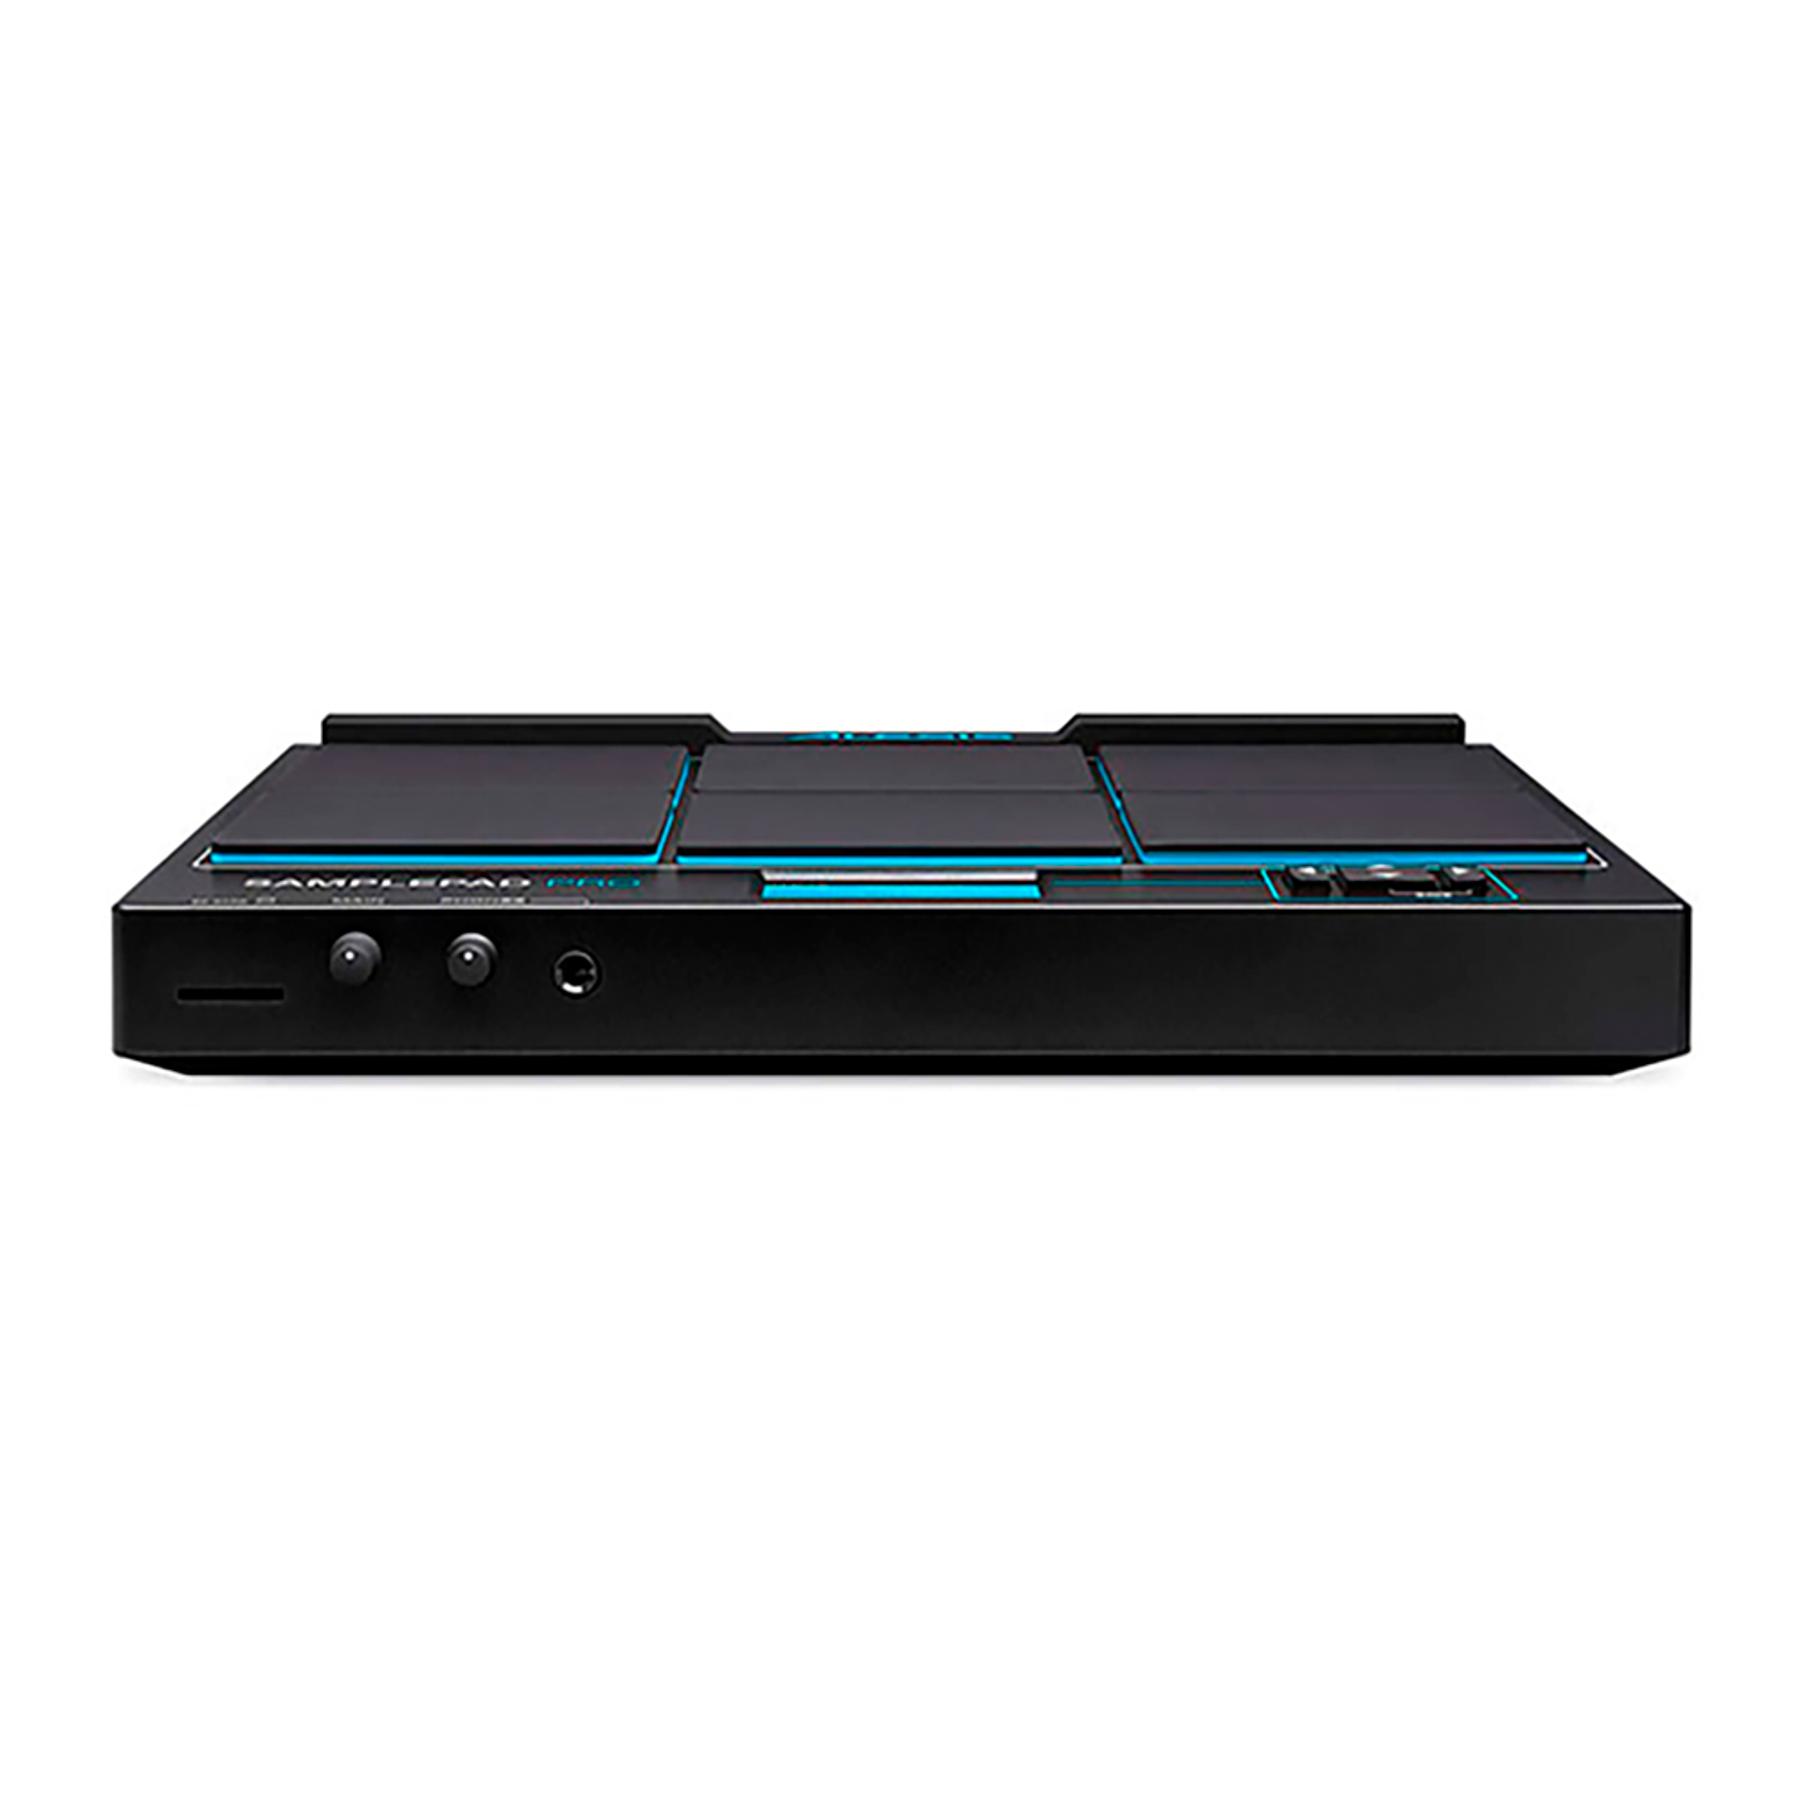 Instrumento de percusión de 8 pads SamplePad Pro - Alesis